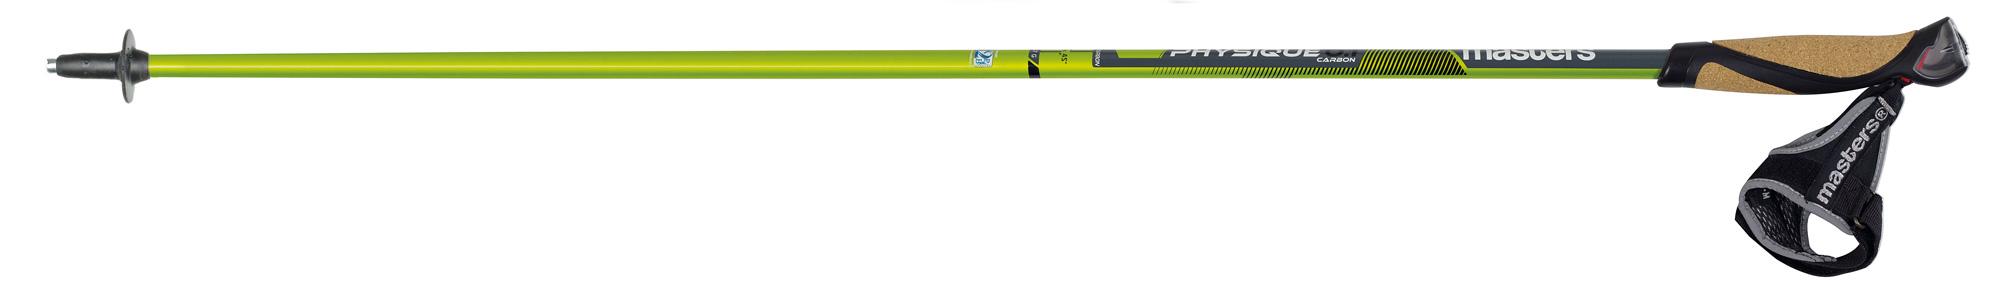 Монолитные палки для скандинавской ходьбы PHYSIQUE 0.1 100-135см, 01N0316, Треккинговые палки - арт. 780880287